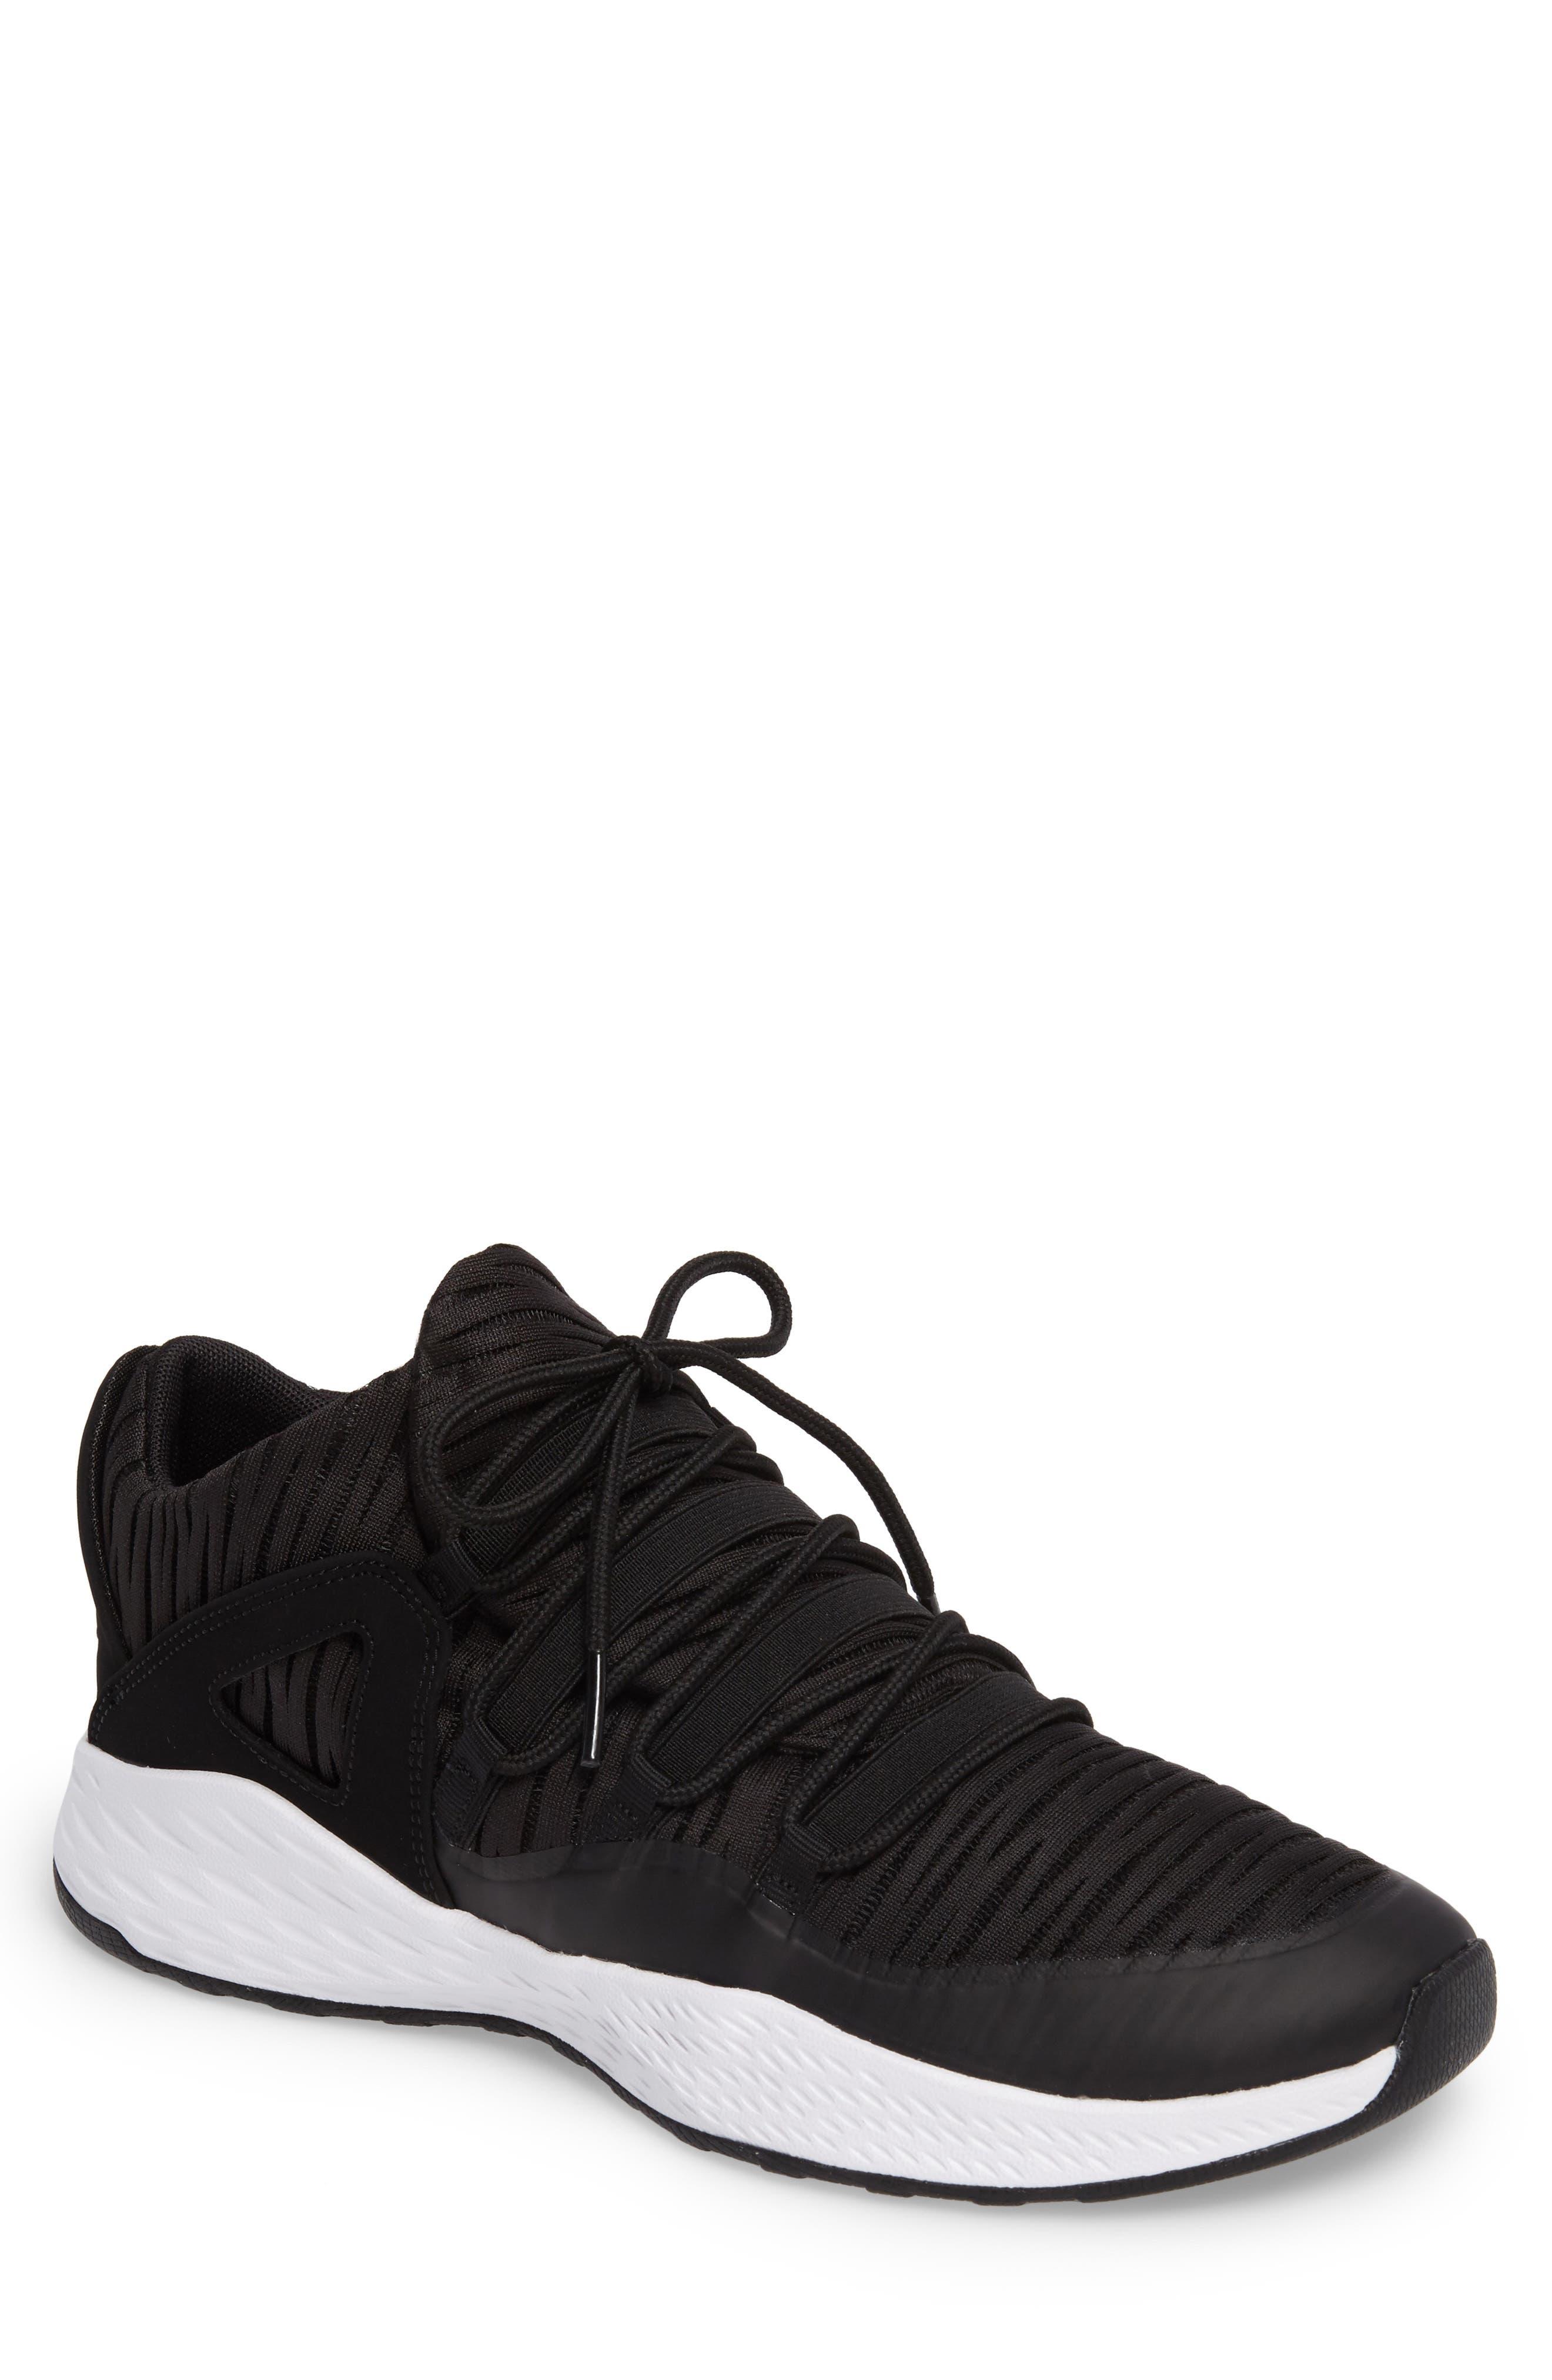 Jordan Formula 23 Low Sneaker,                         Main,                         color, 011